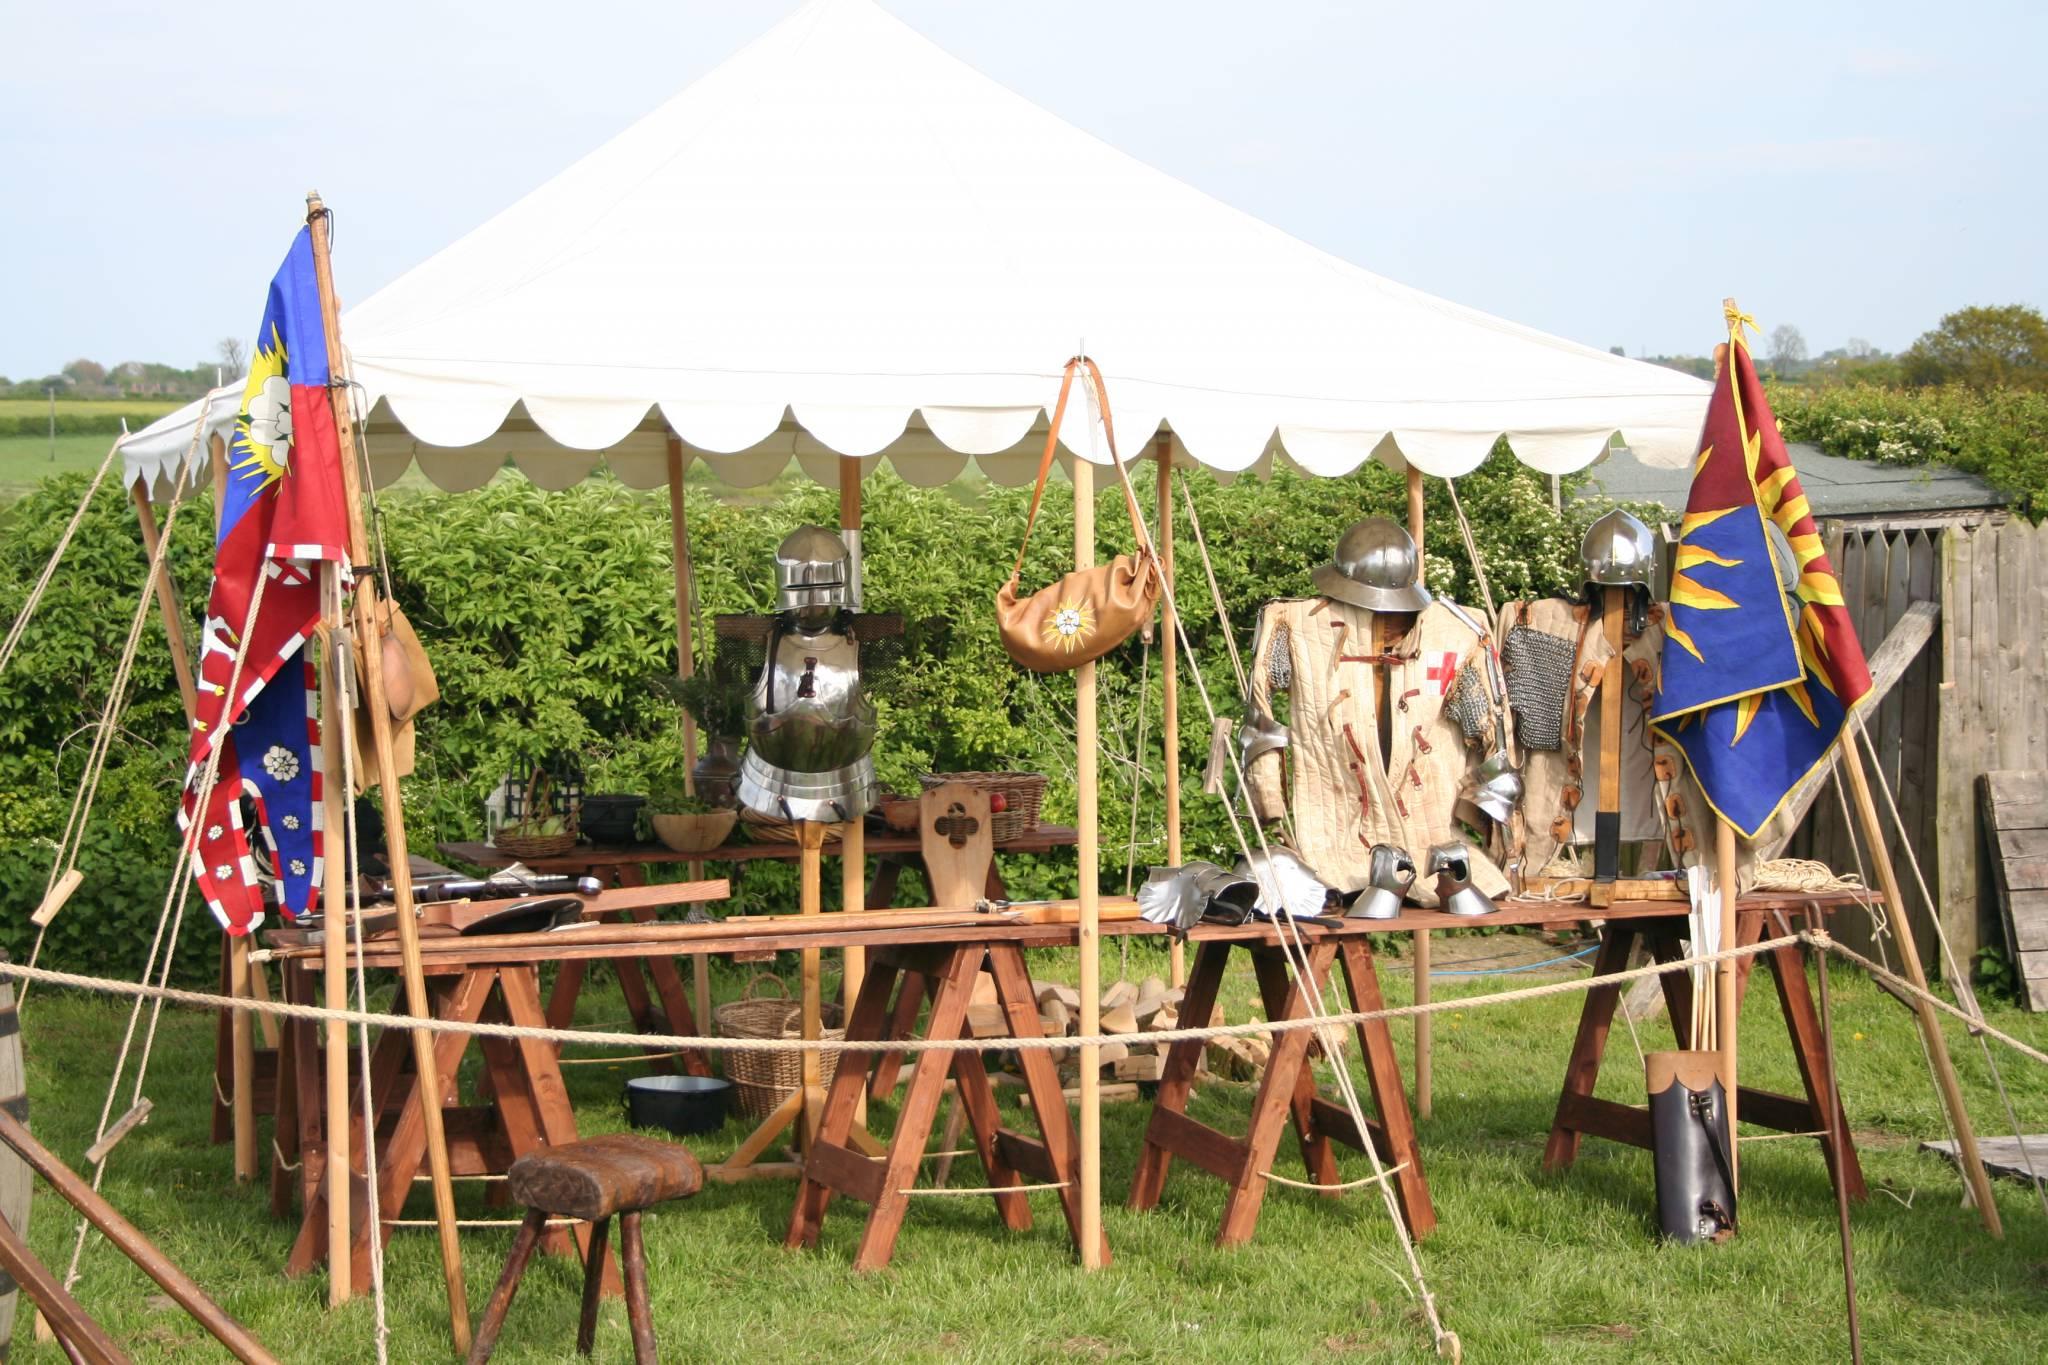 Les Routiers de Rouen: Soldier's Camp